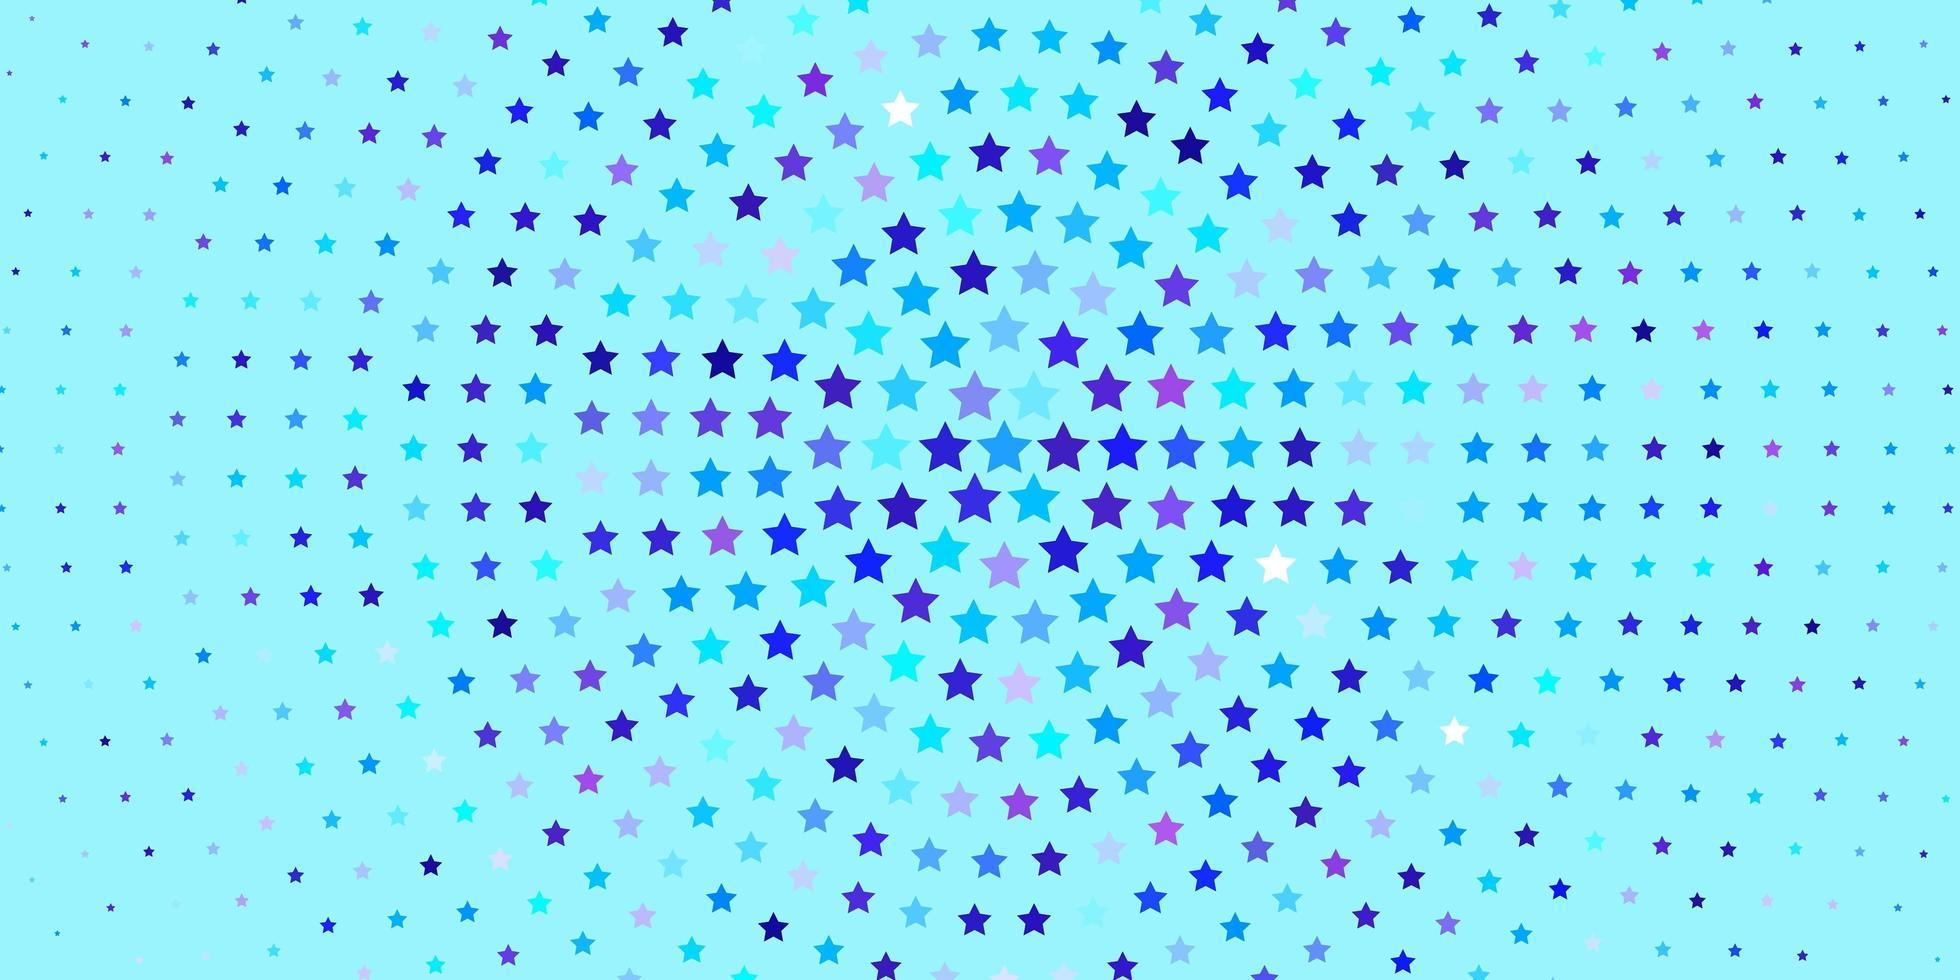 lichtroze, blauw vectorpatroon met abstracte sterren. vector